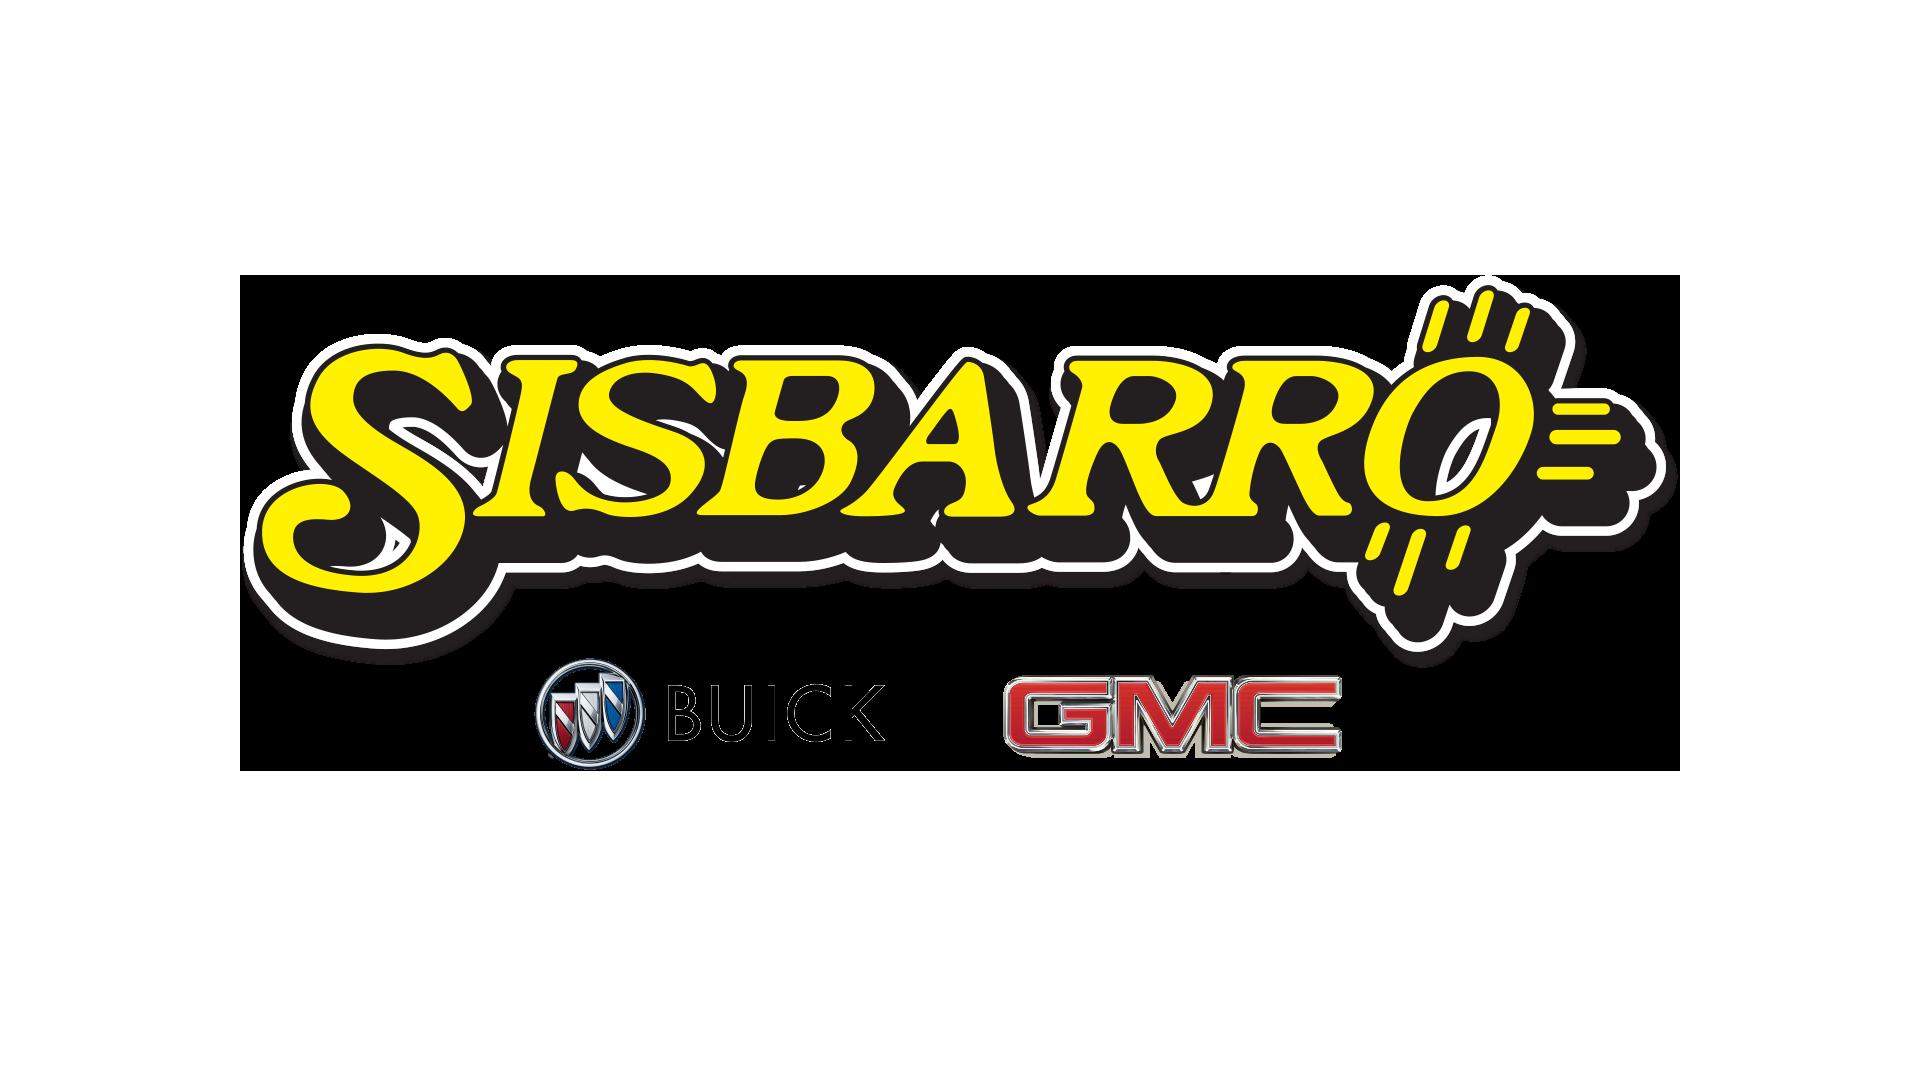 Sisbarro Buick GMC -Warranty